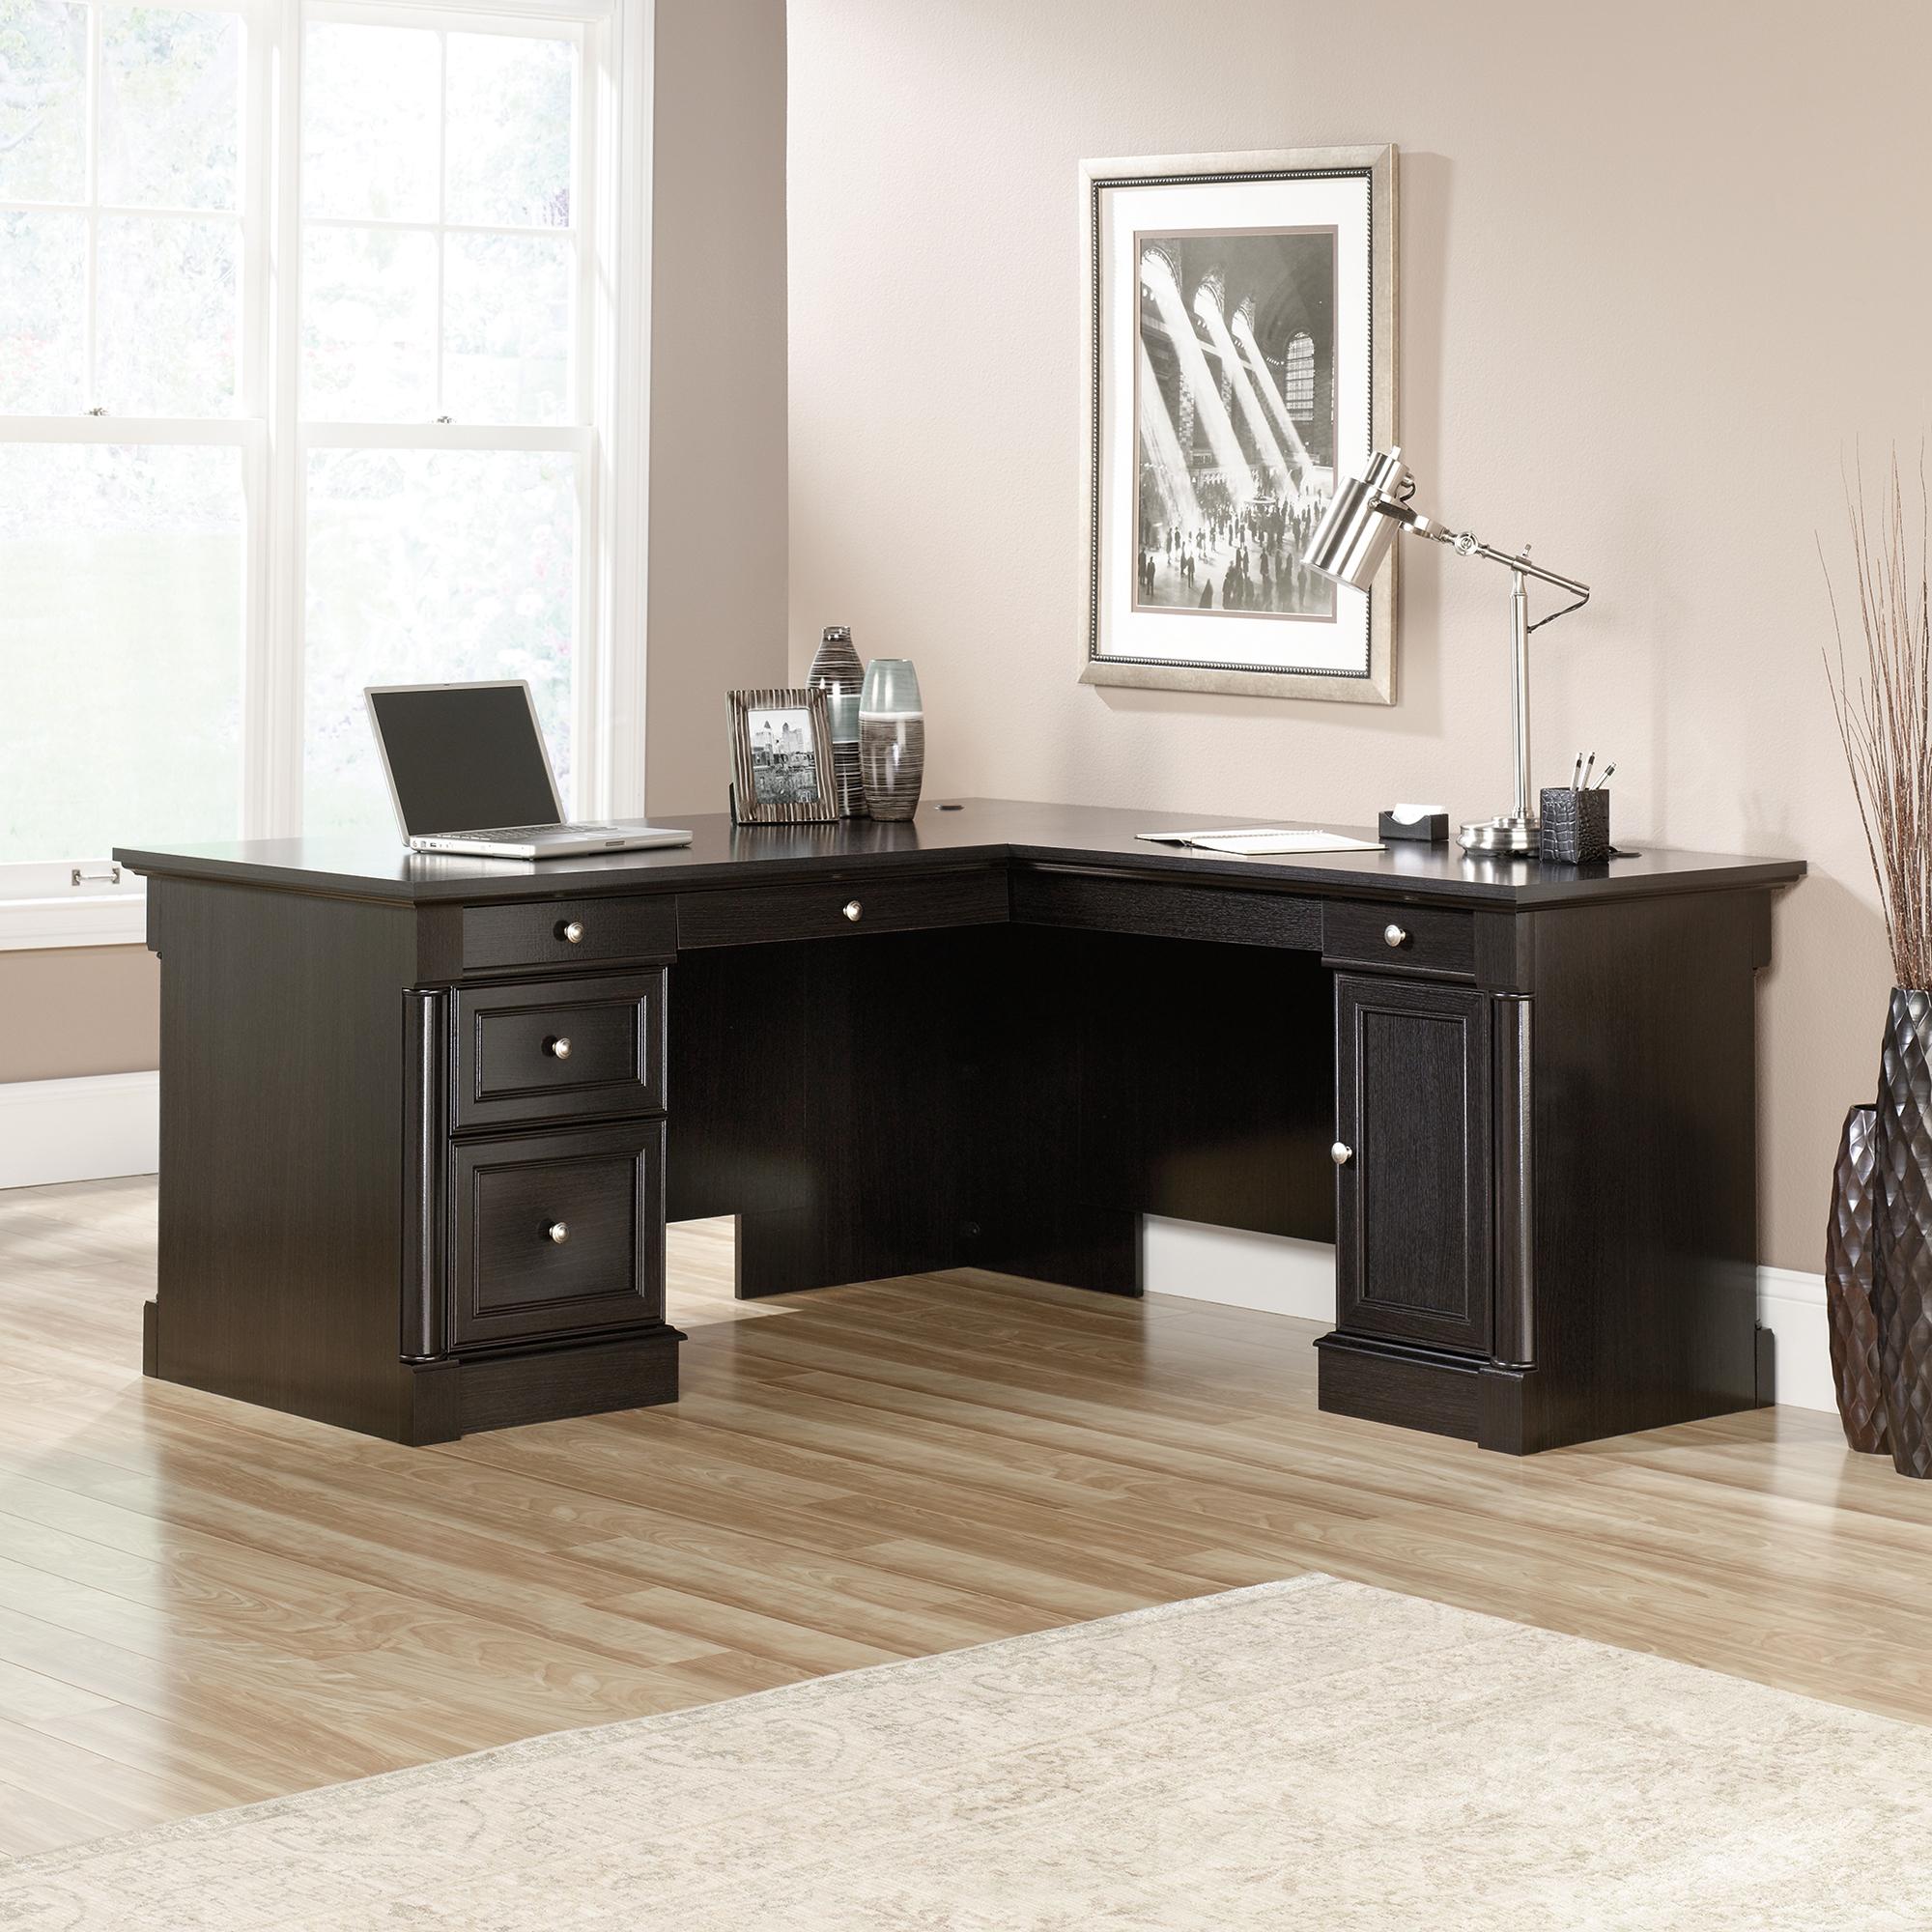 Modern day l-shaped desks